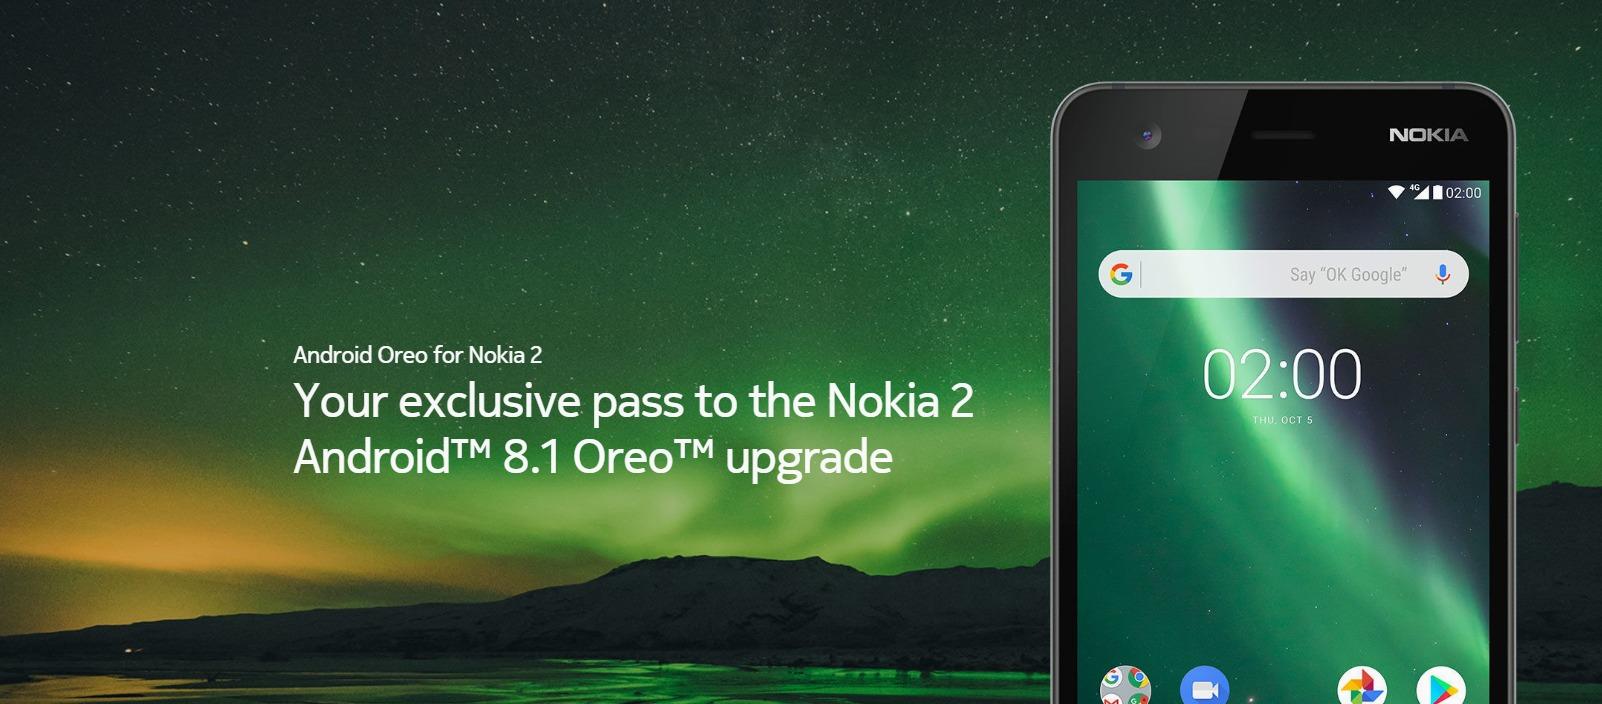 Nokia 2 Aspaldi itxaroten duen Android Oreo eguneratzea jaso du